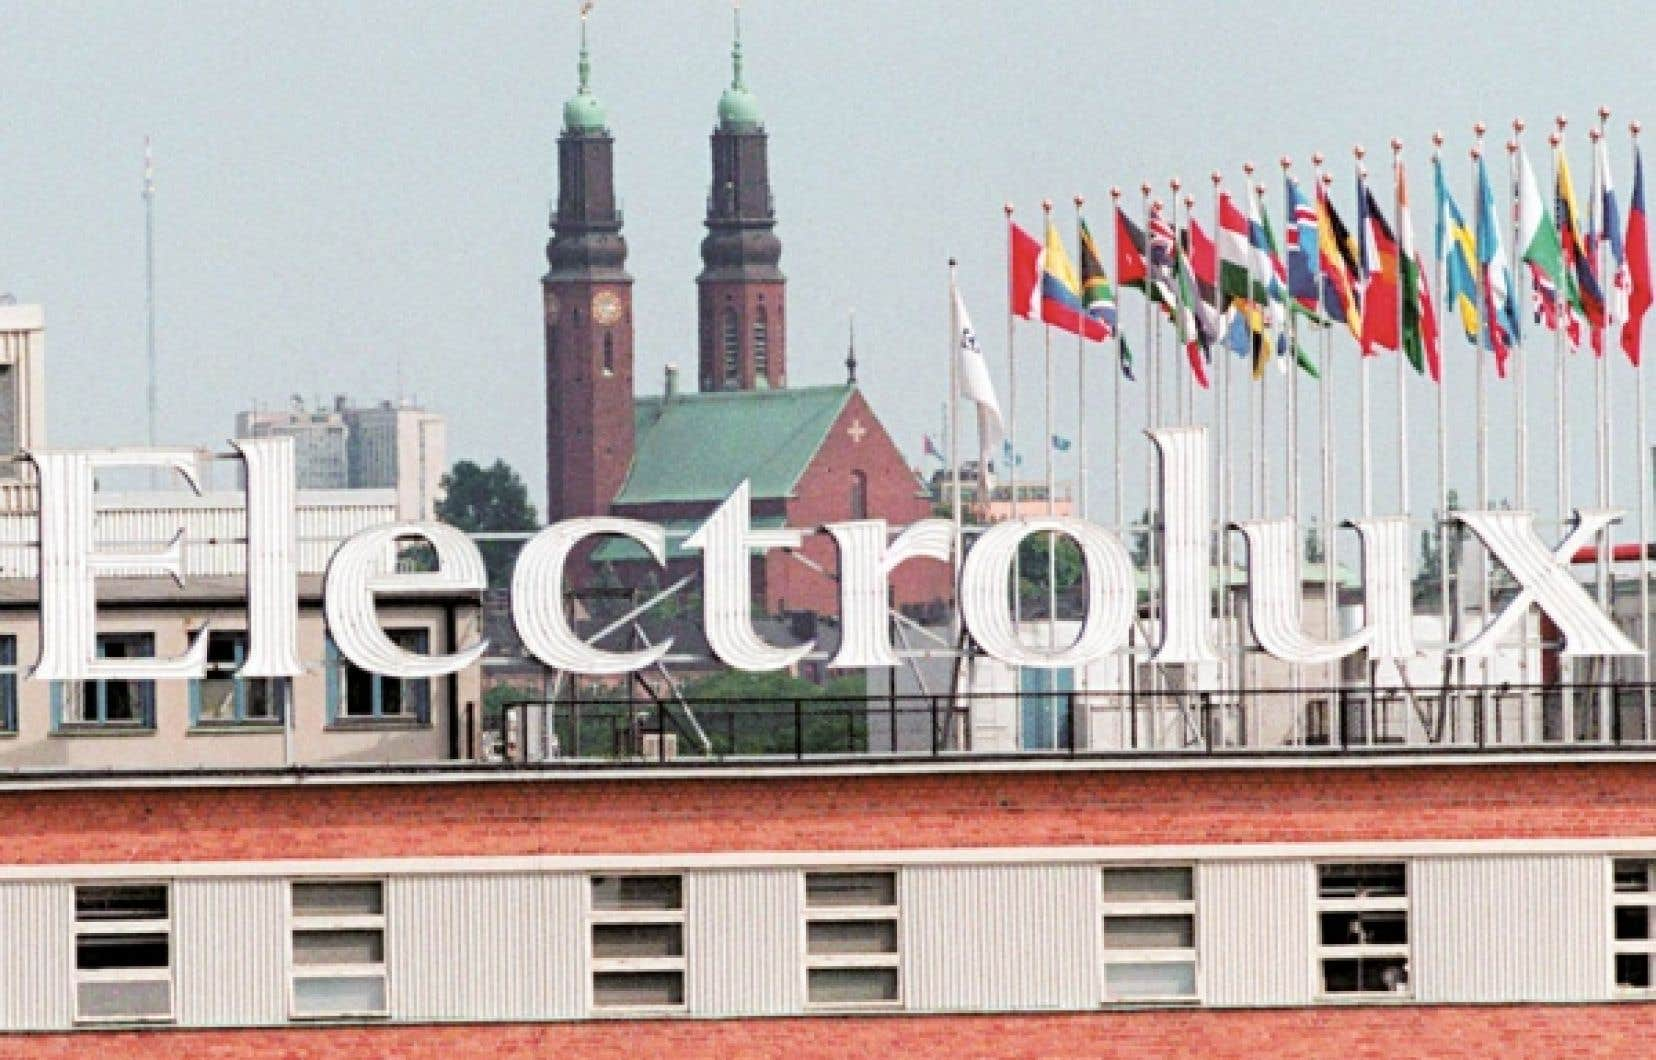 Le siège social d'Electrolux, à Stockholm, en Suède. La haute direction de l'entreprise ne manifeste aucun intérêt à garder ouverte son usine de L'Assomption et à y protéger les 1300 emplois. Sa décision de déménager la production aux États-Unis, annoncée en décembre dernier, est sans appel.